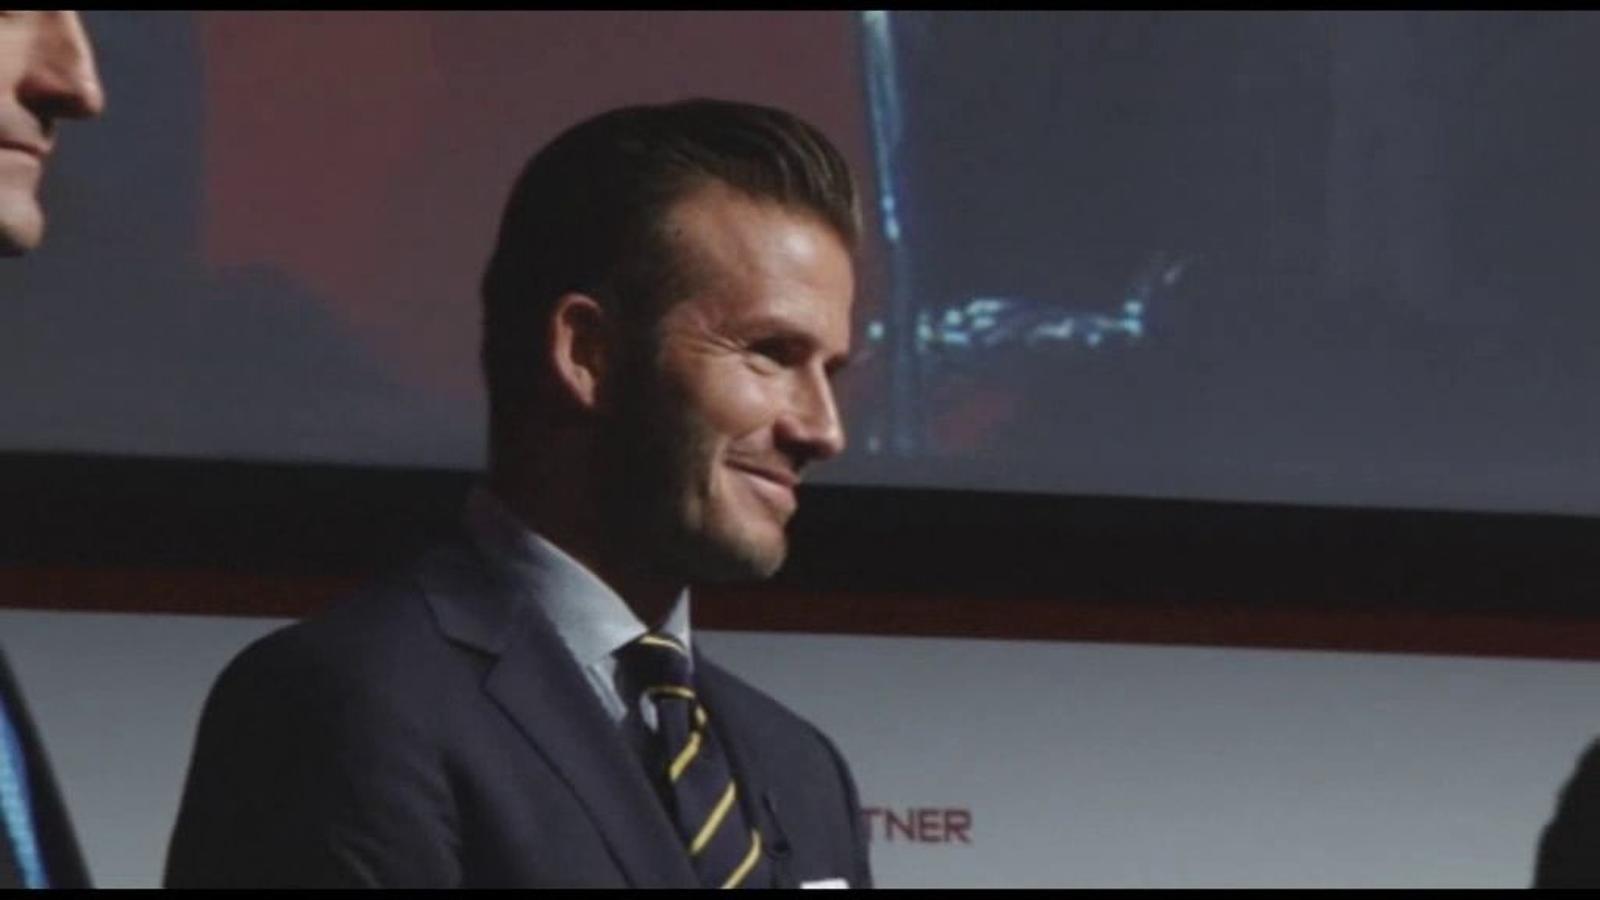 Beckham participarà en la inauguració dels Jocs però no revela quin serà el seu paper